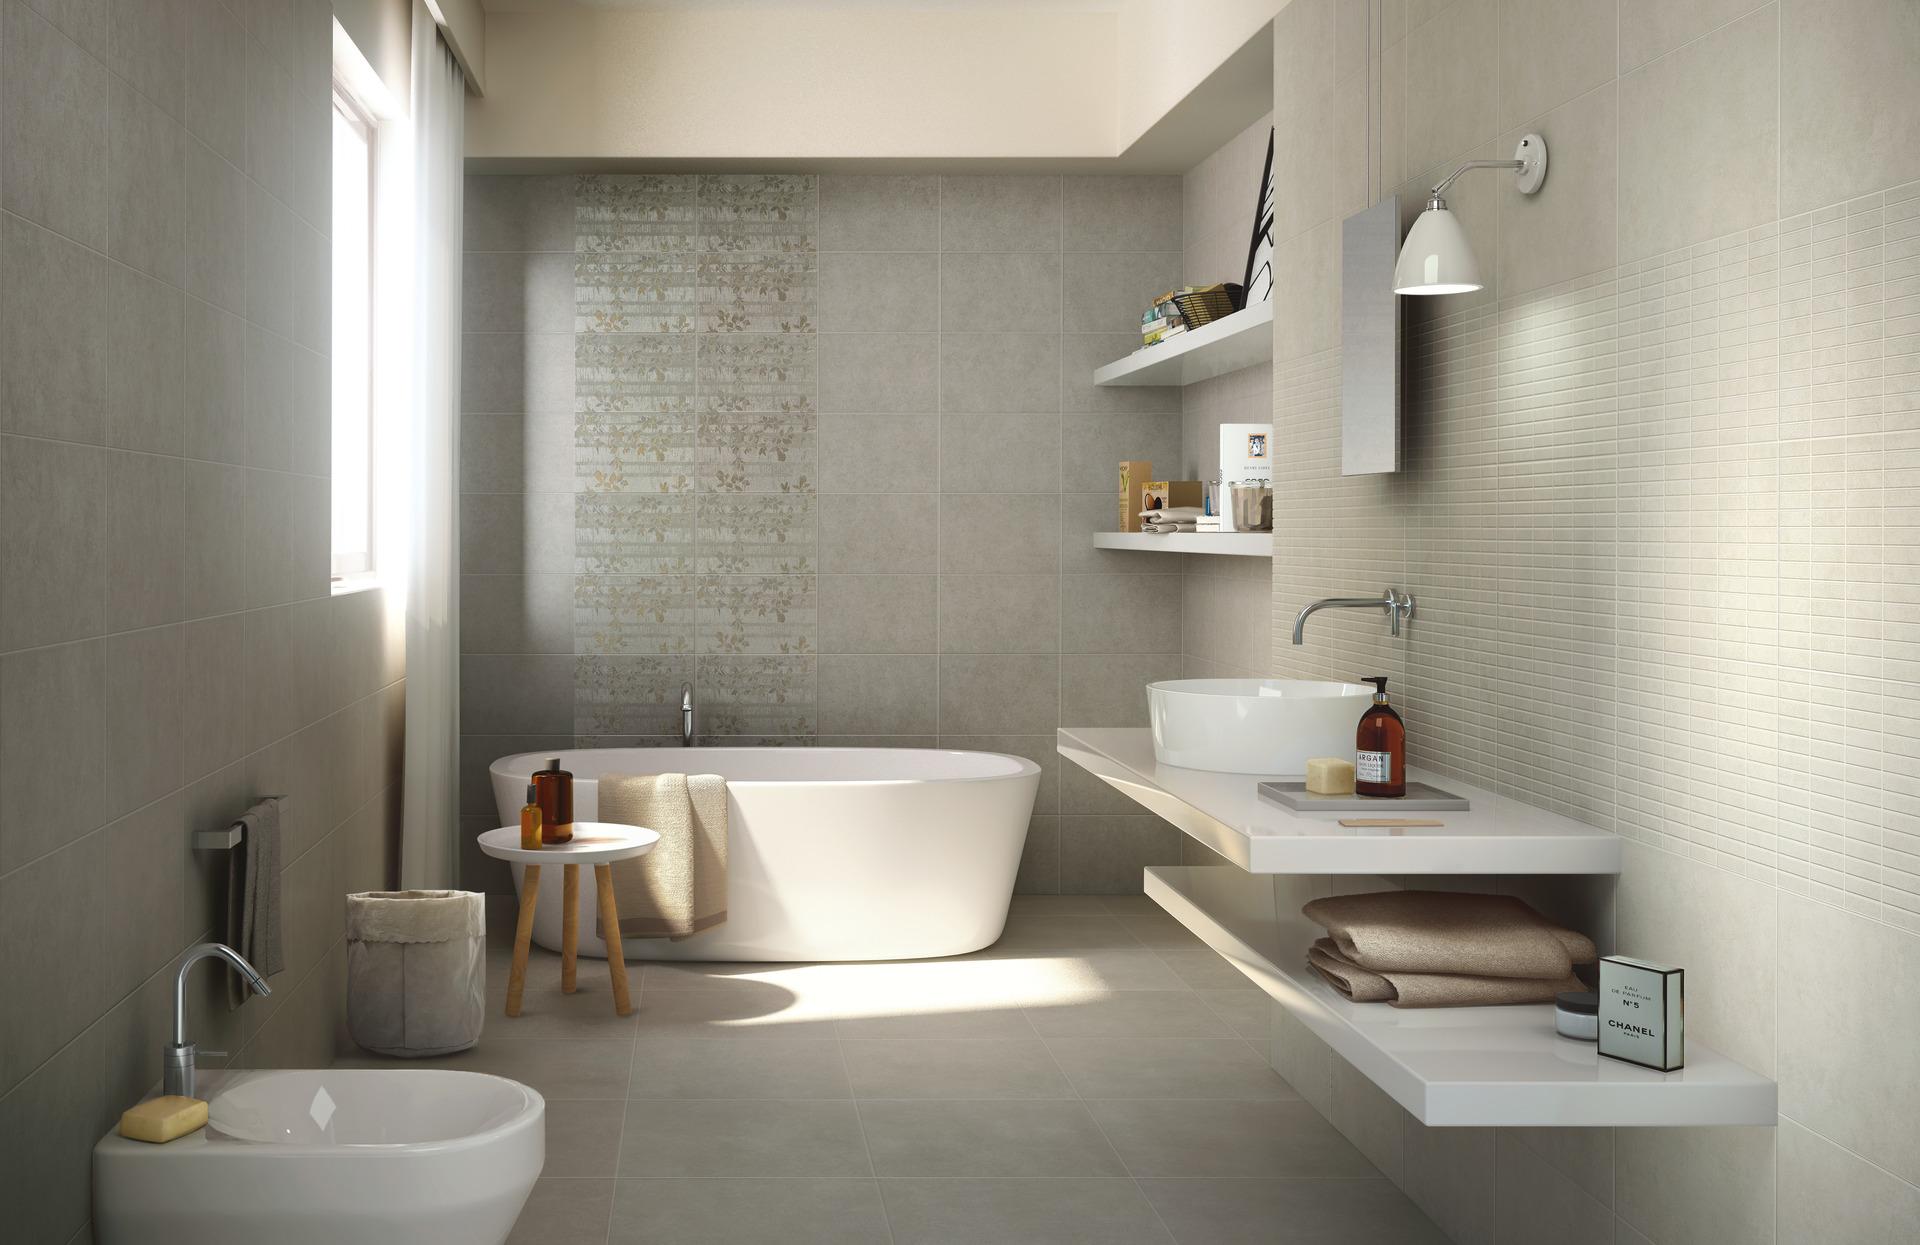 Collezione casablanca ceramica per bagno e cucina ragno - Idee bagno rivestimenti ...